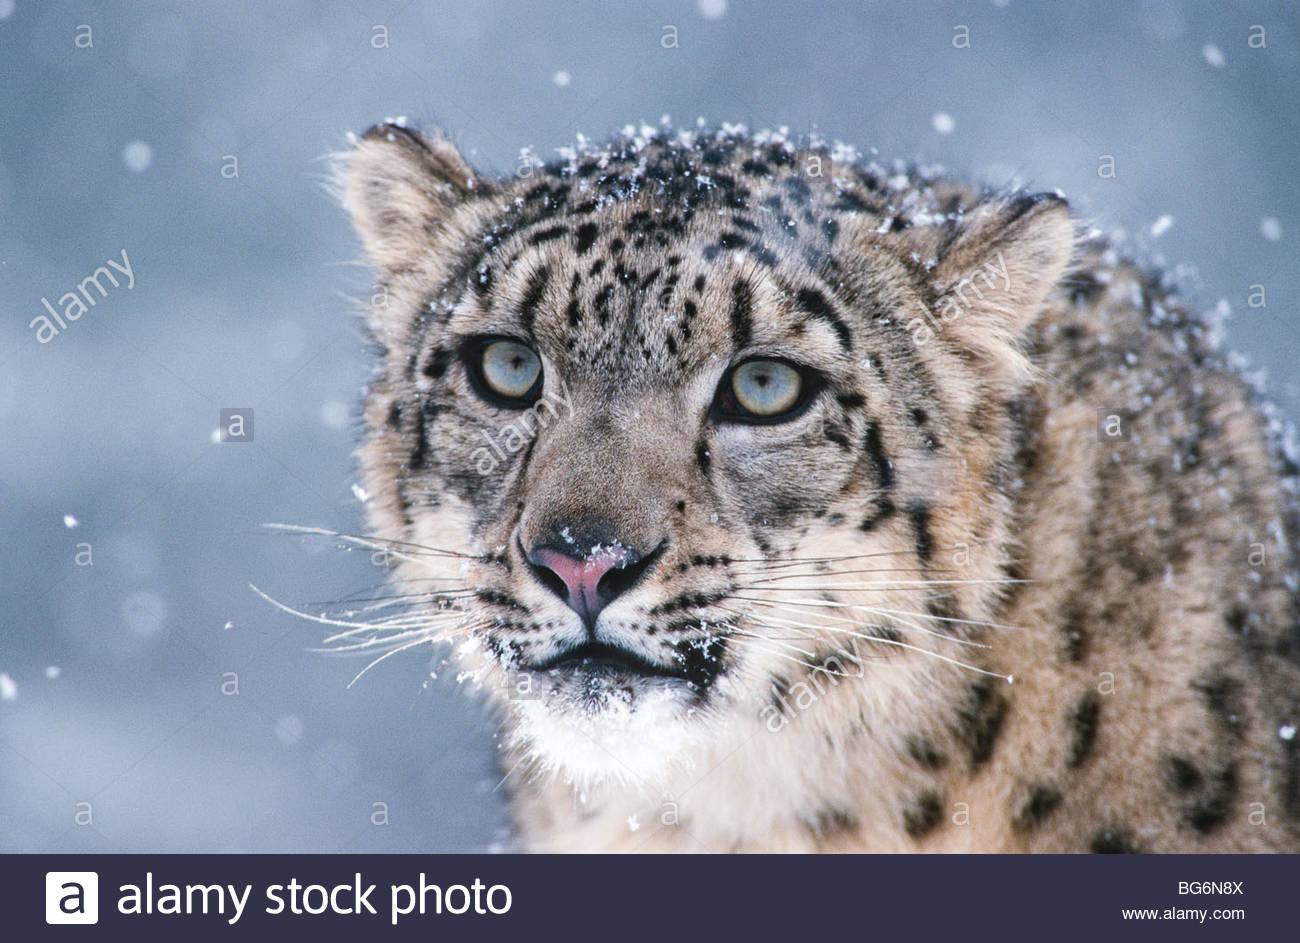 Himalayas. Hindu Kush. Altai. Snow leopard (Panthera uncia), an endangered species. Captive. - Stock Image